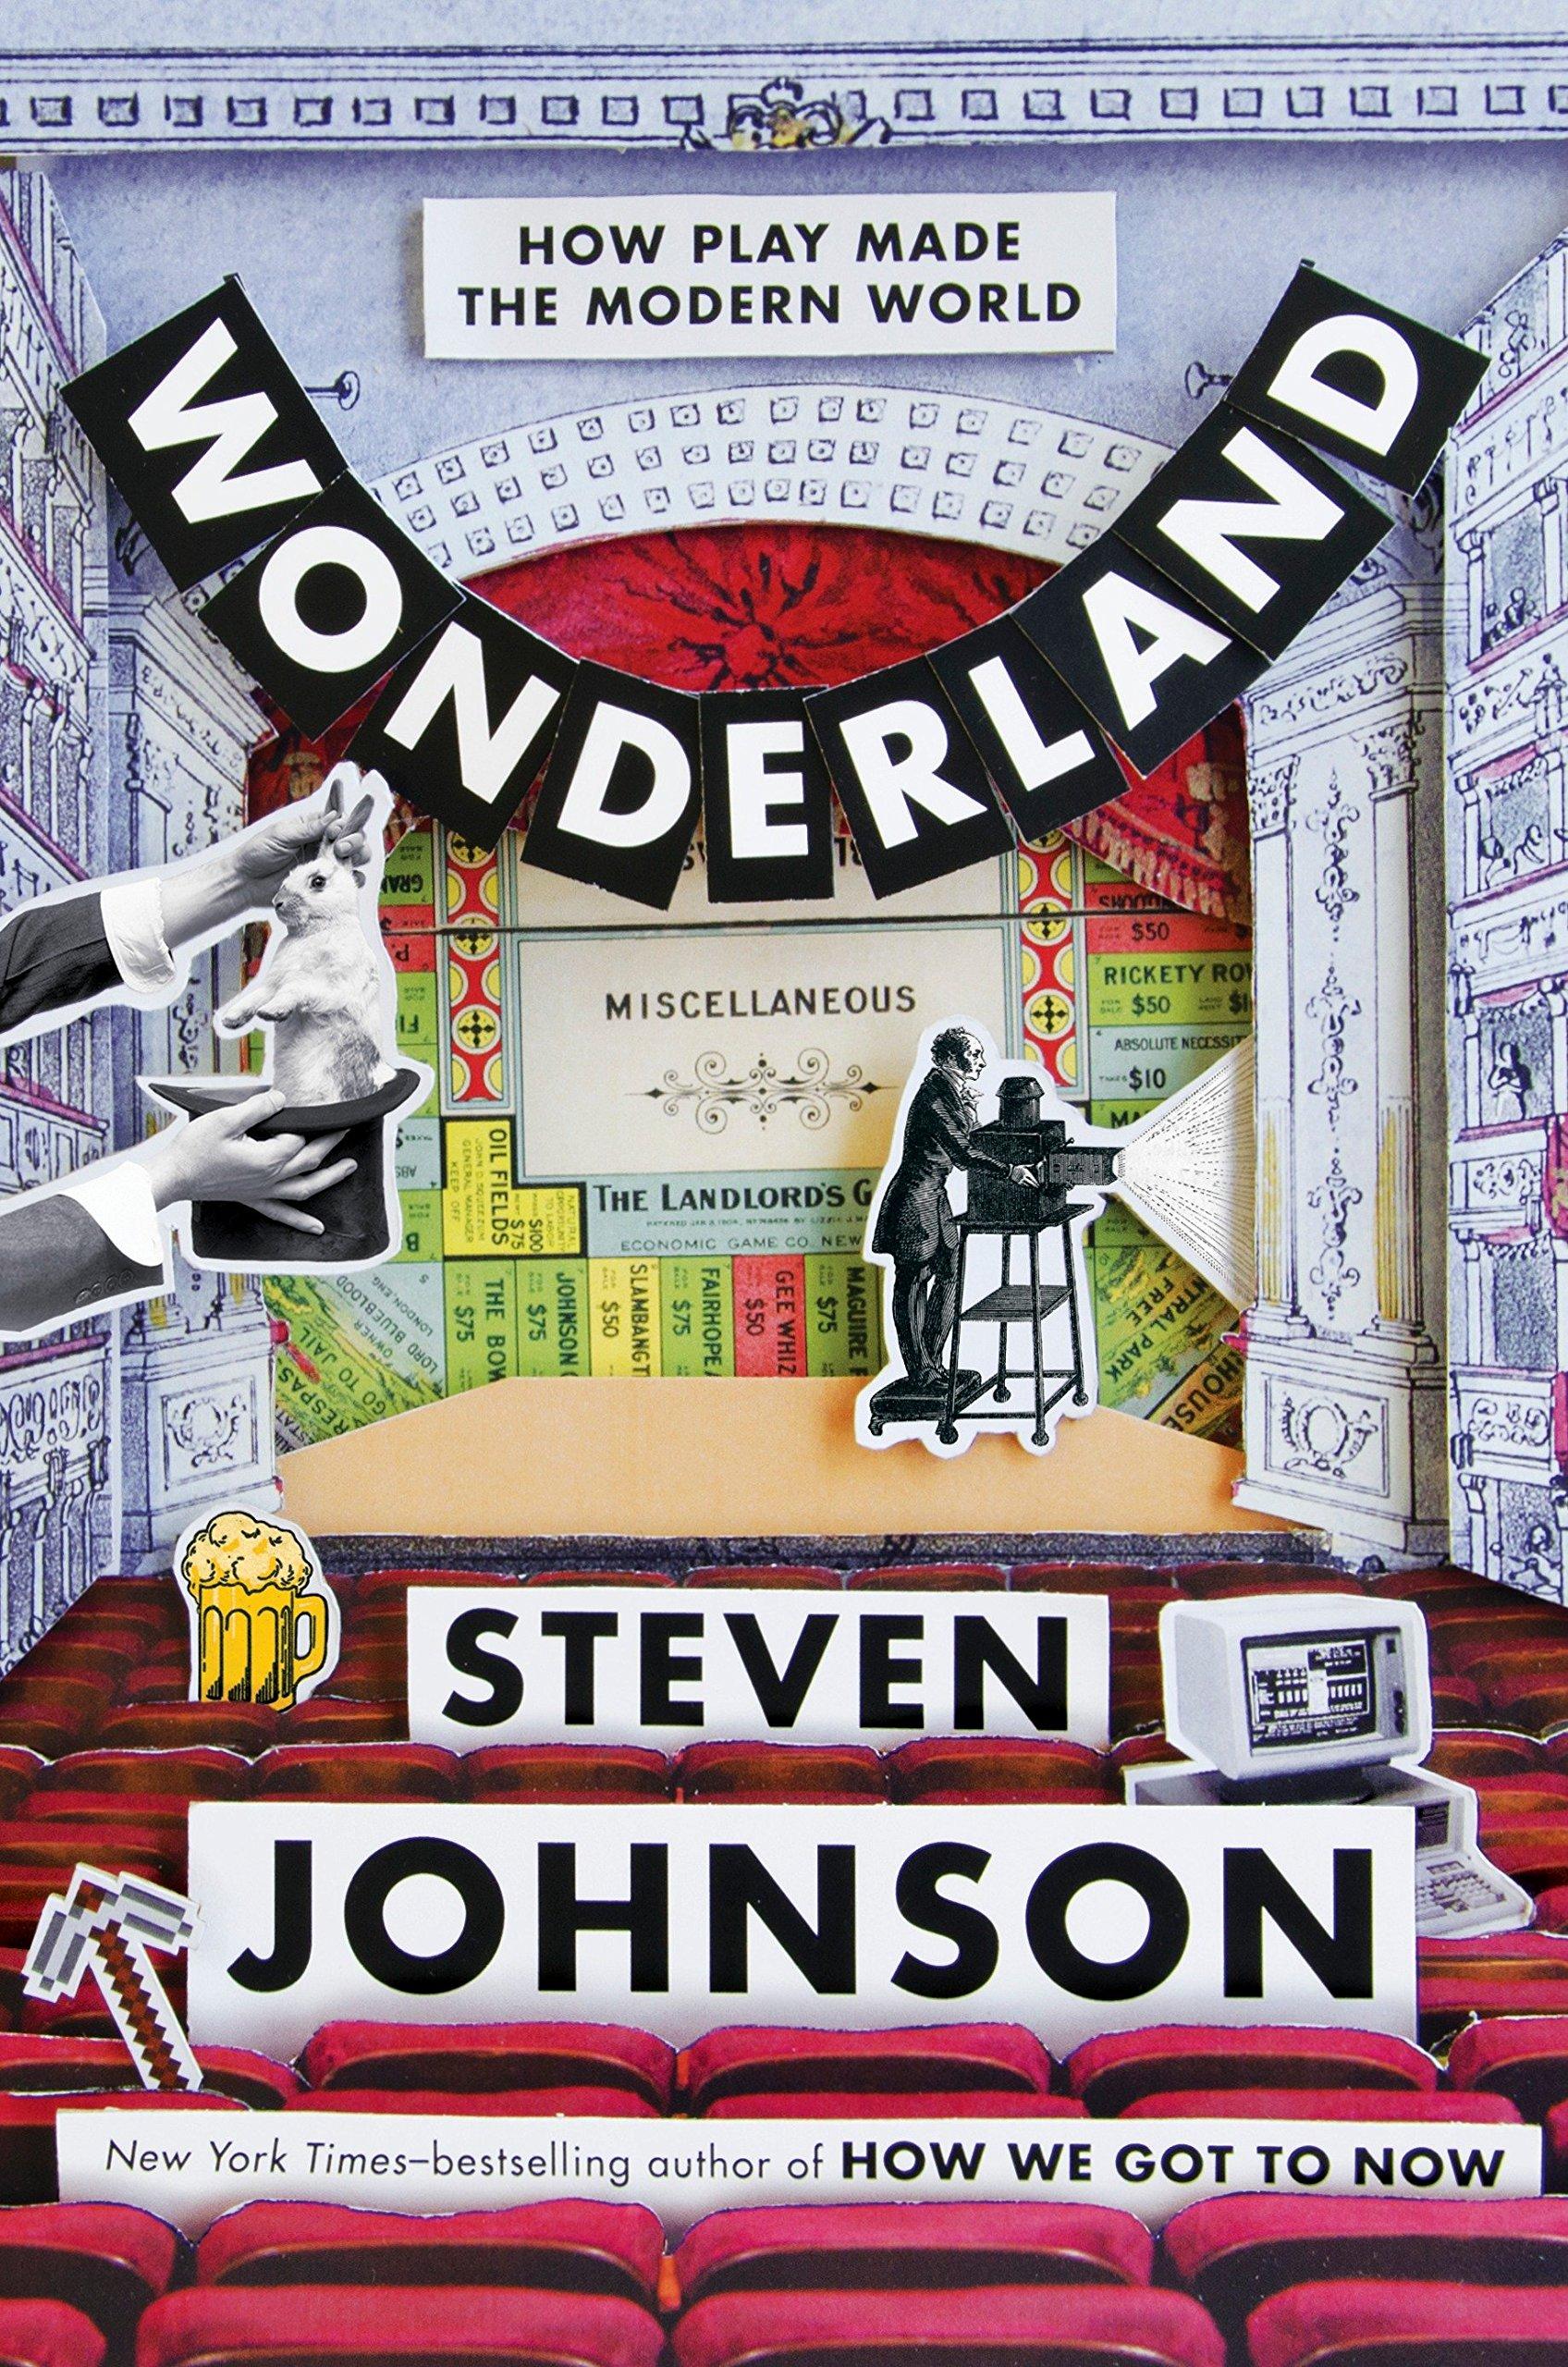 f2517ce39a1 Wonderland: How Play Made the Modern World: Steven Johnson ...